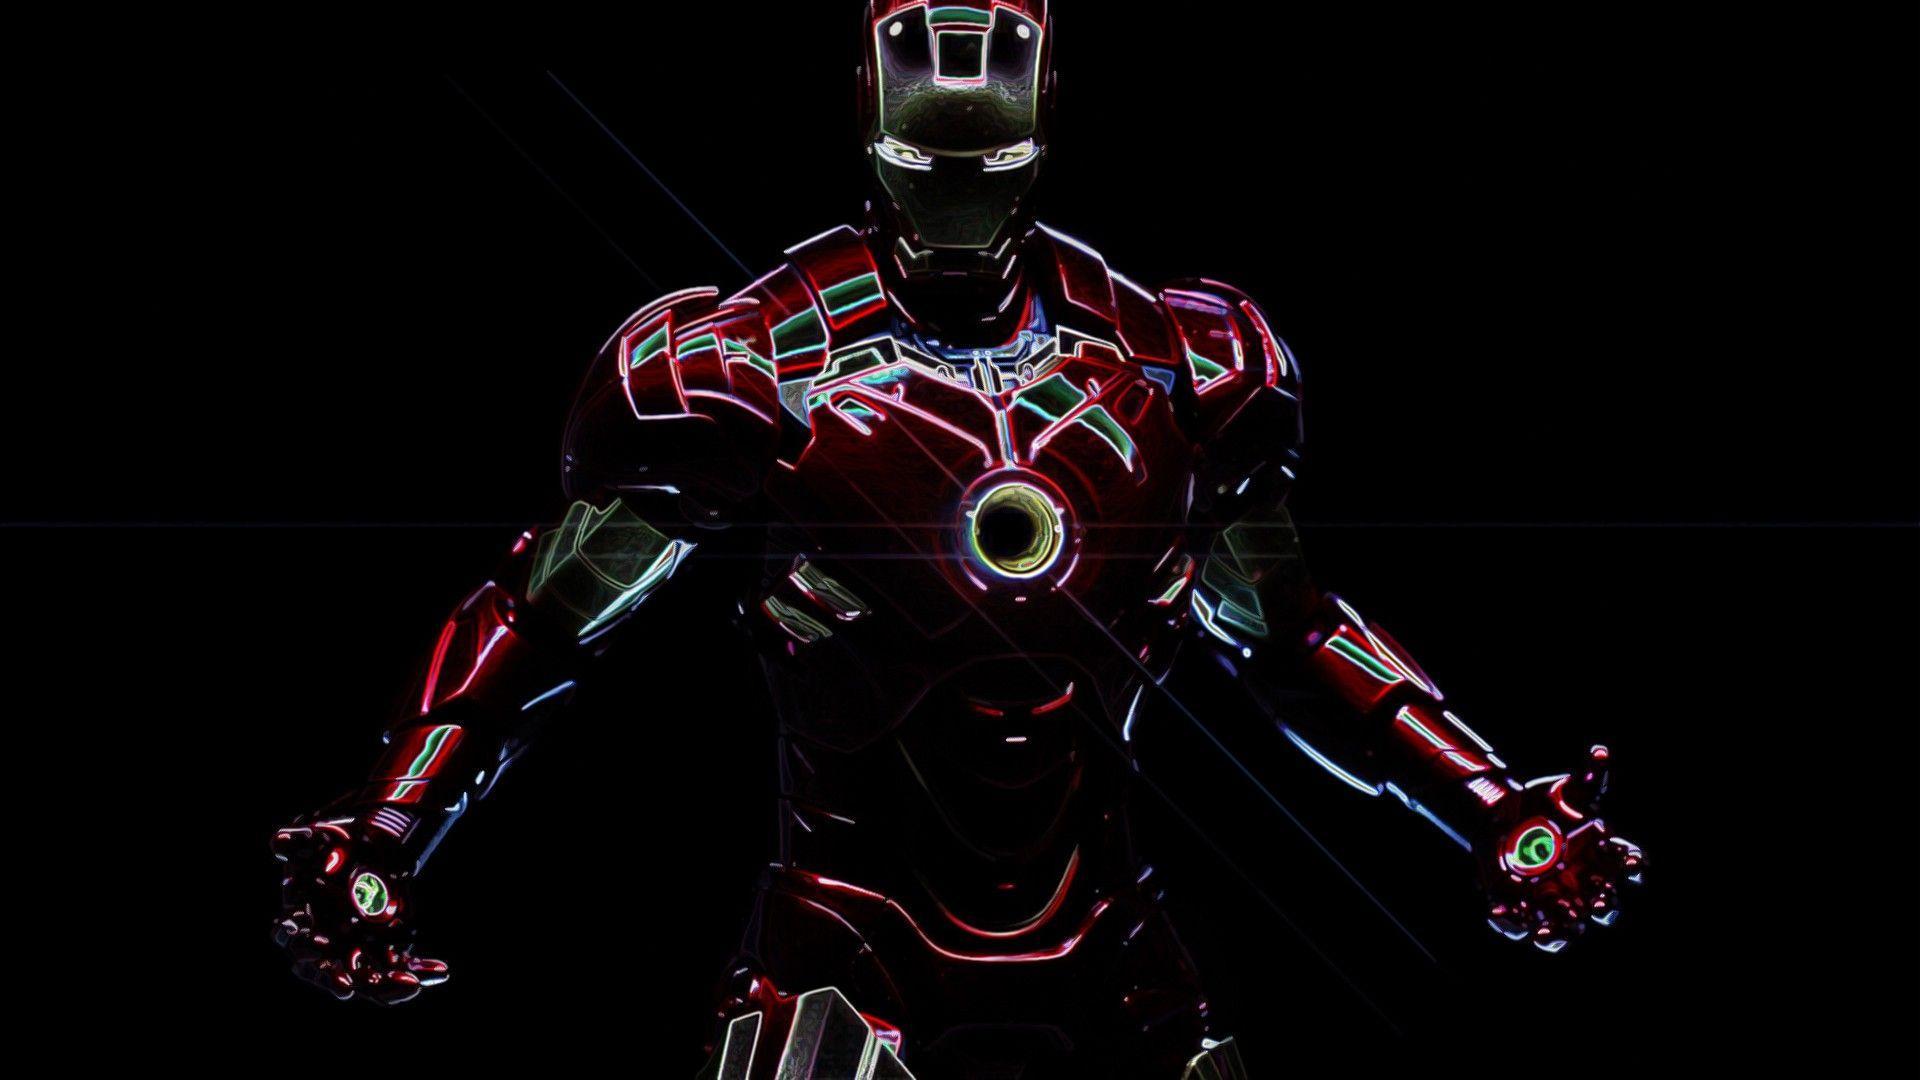 Hình nền HD 1920x1080 1080p với Siêu anh hùng - Người sắt (7 trên 23).  HD